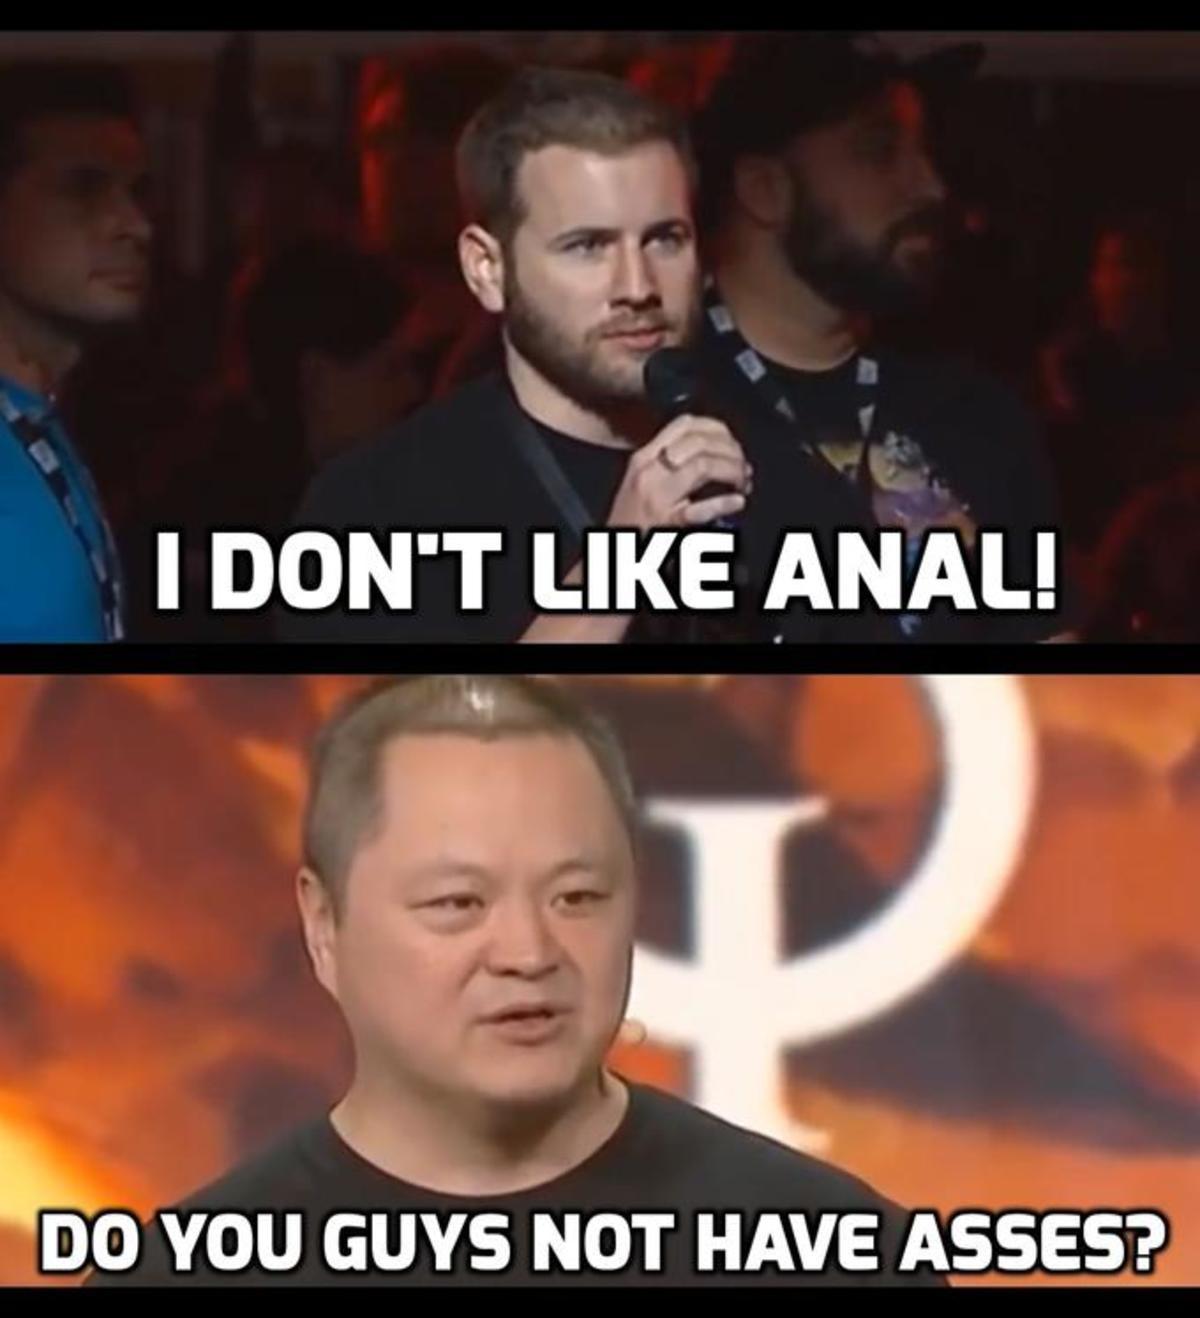 humorous Immortal memes